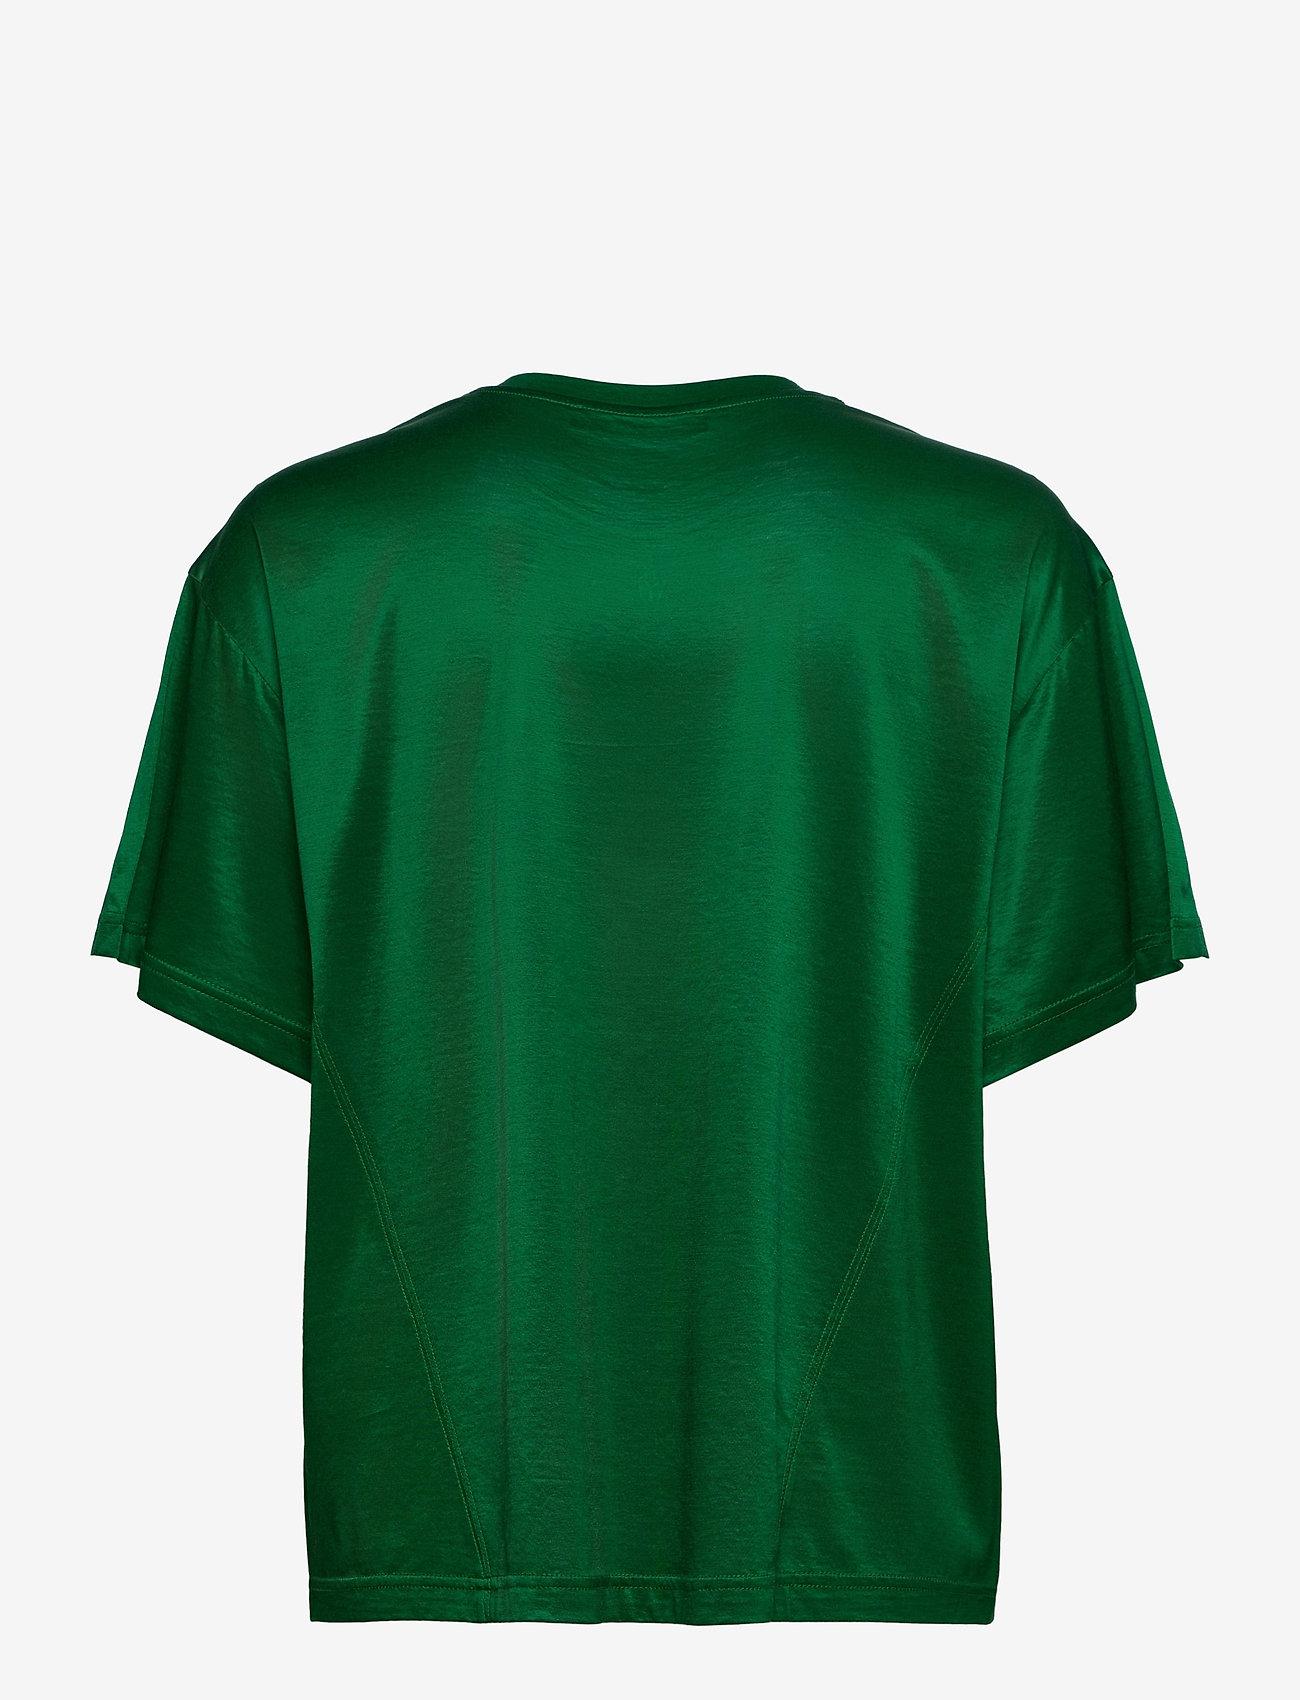 Max&Co. - DARIA - blouses met korte mouwen - green - 1